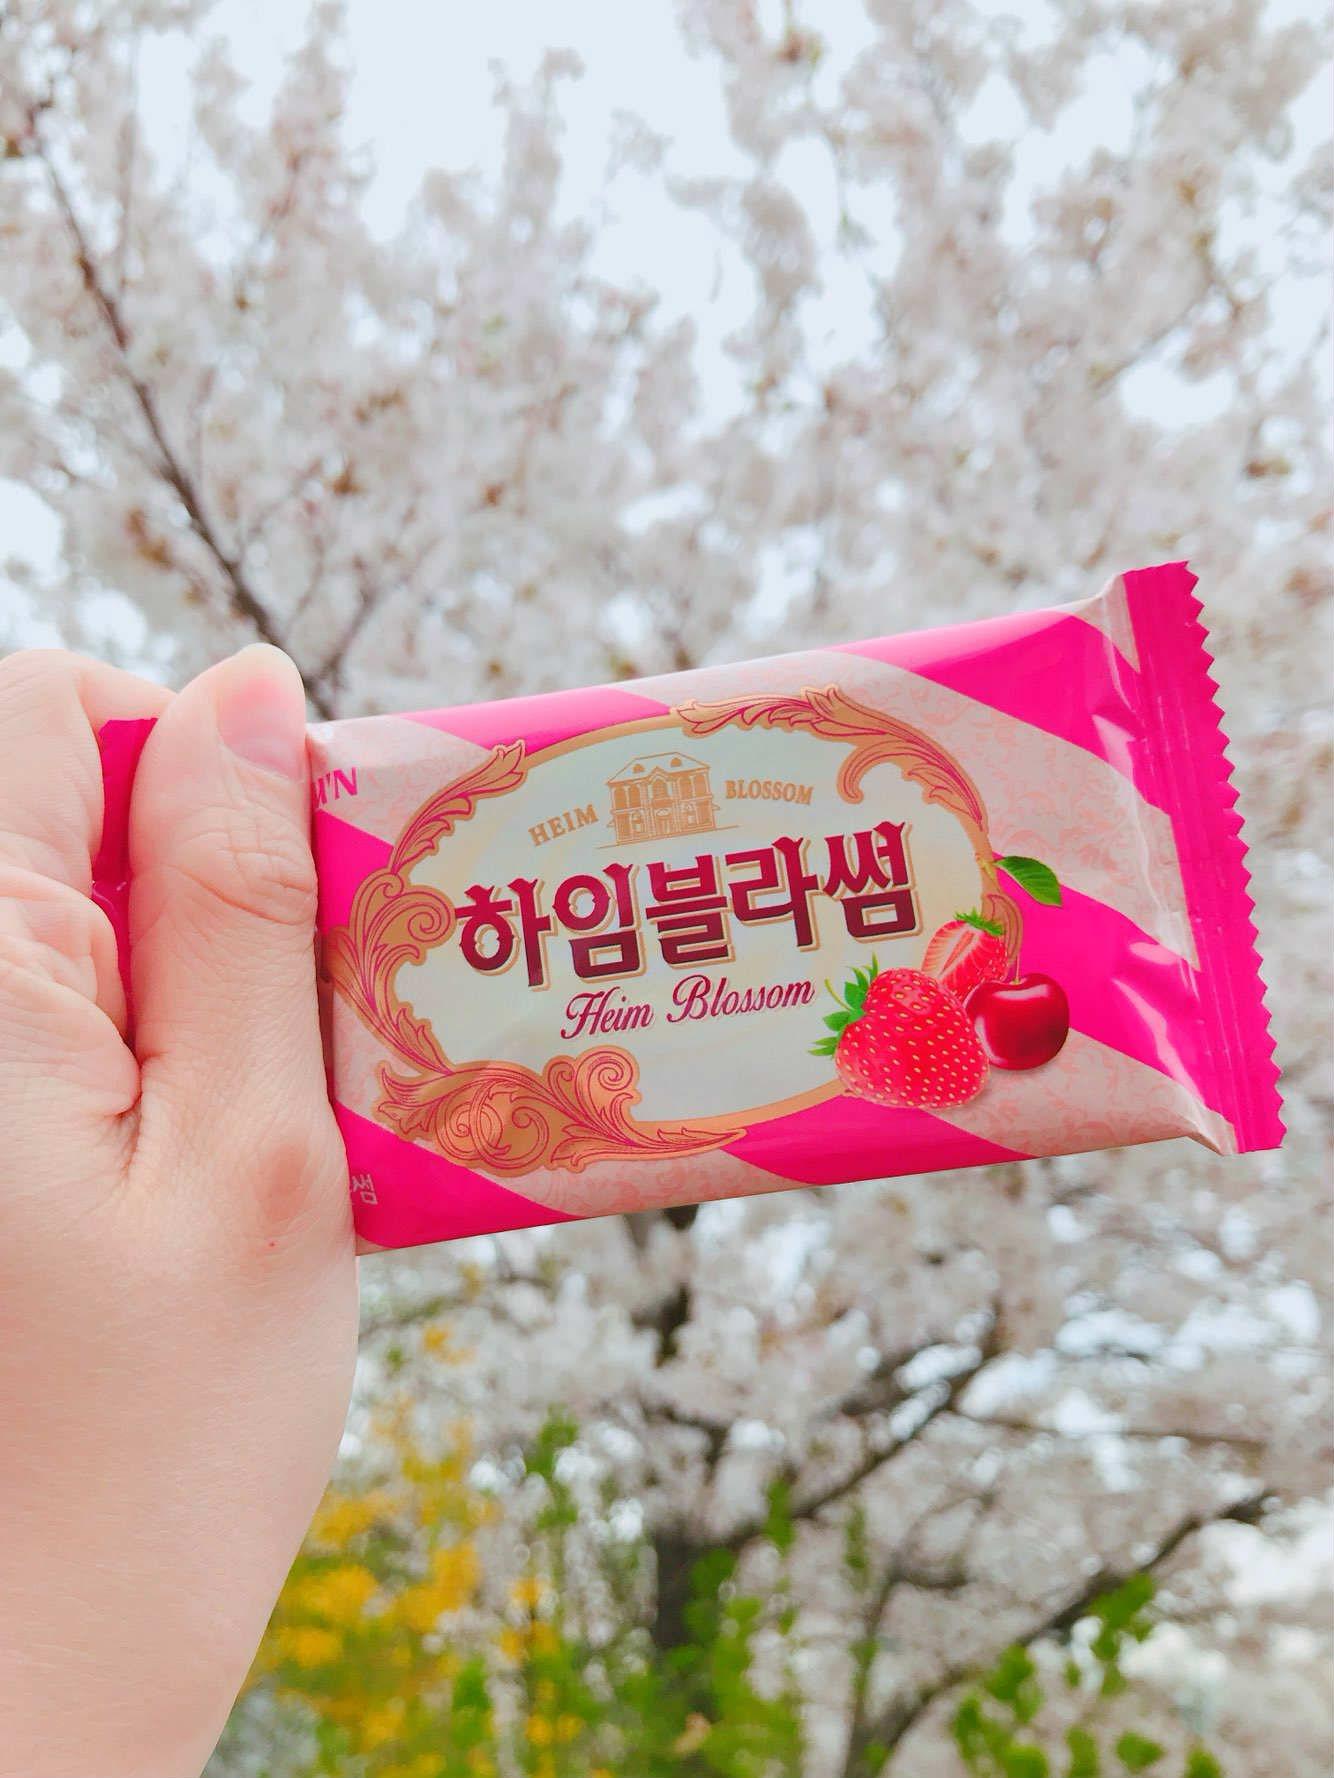 帶著它,來一段說走就走的旅程,還可以隨時與櫻花合照呢!